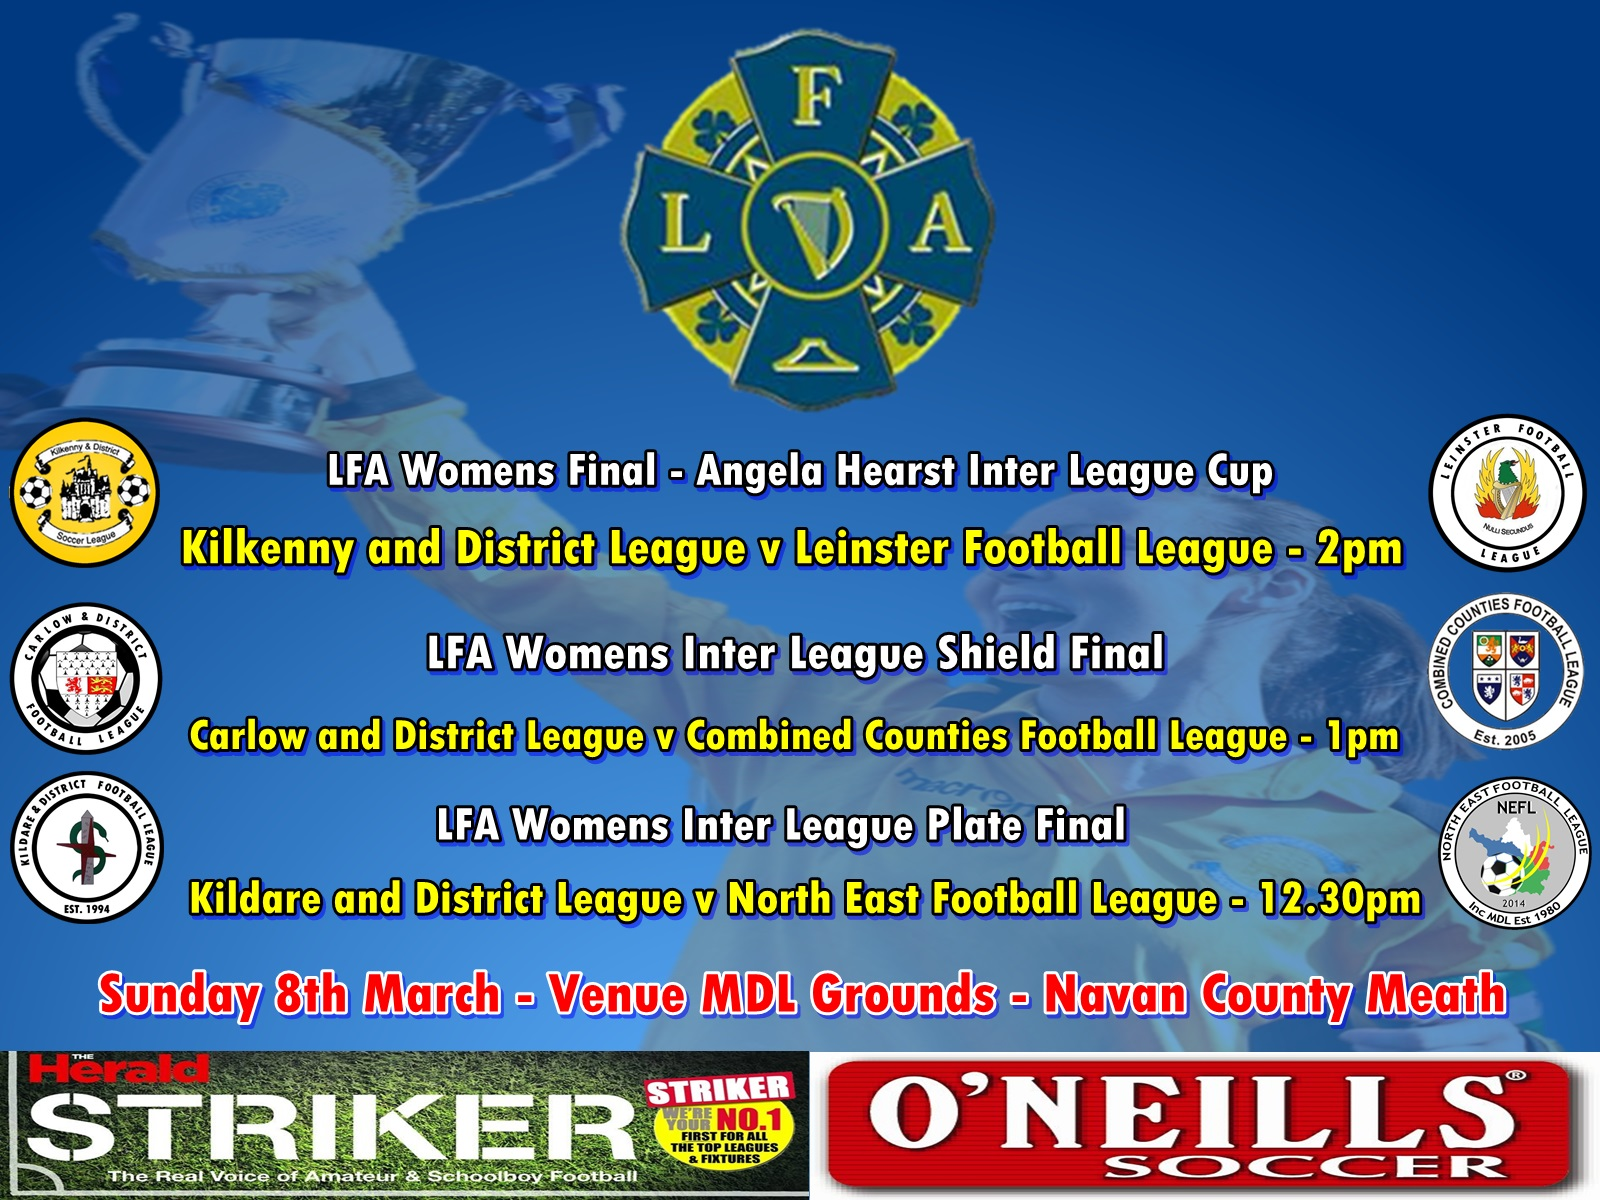 LFA Womens Final Poster